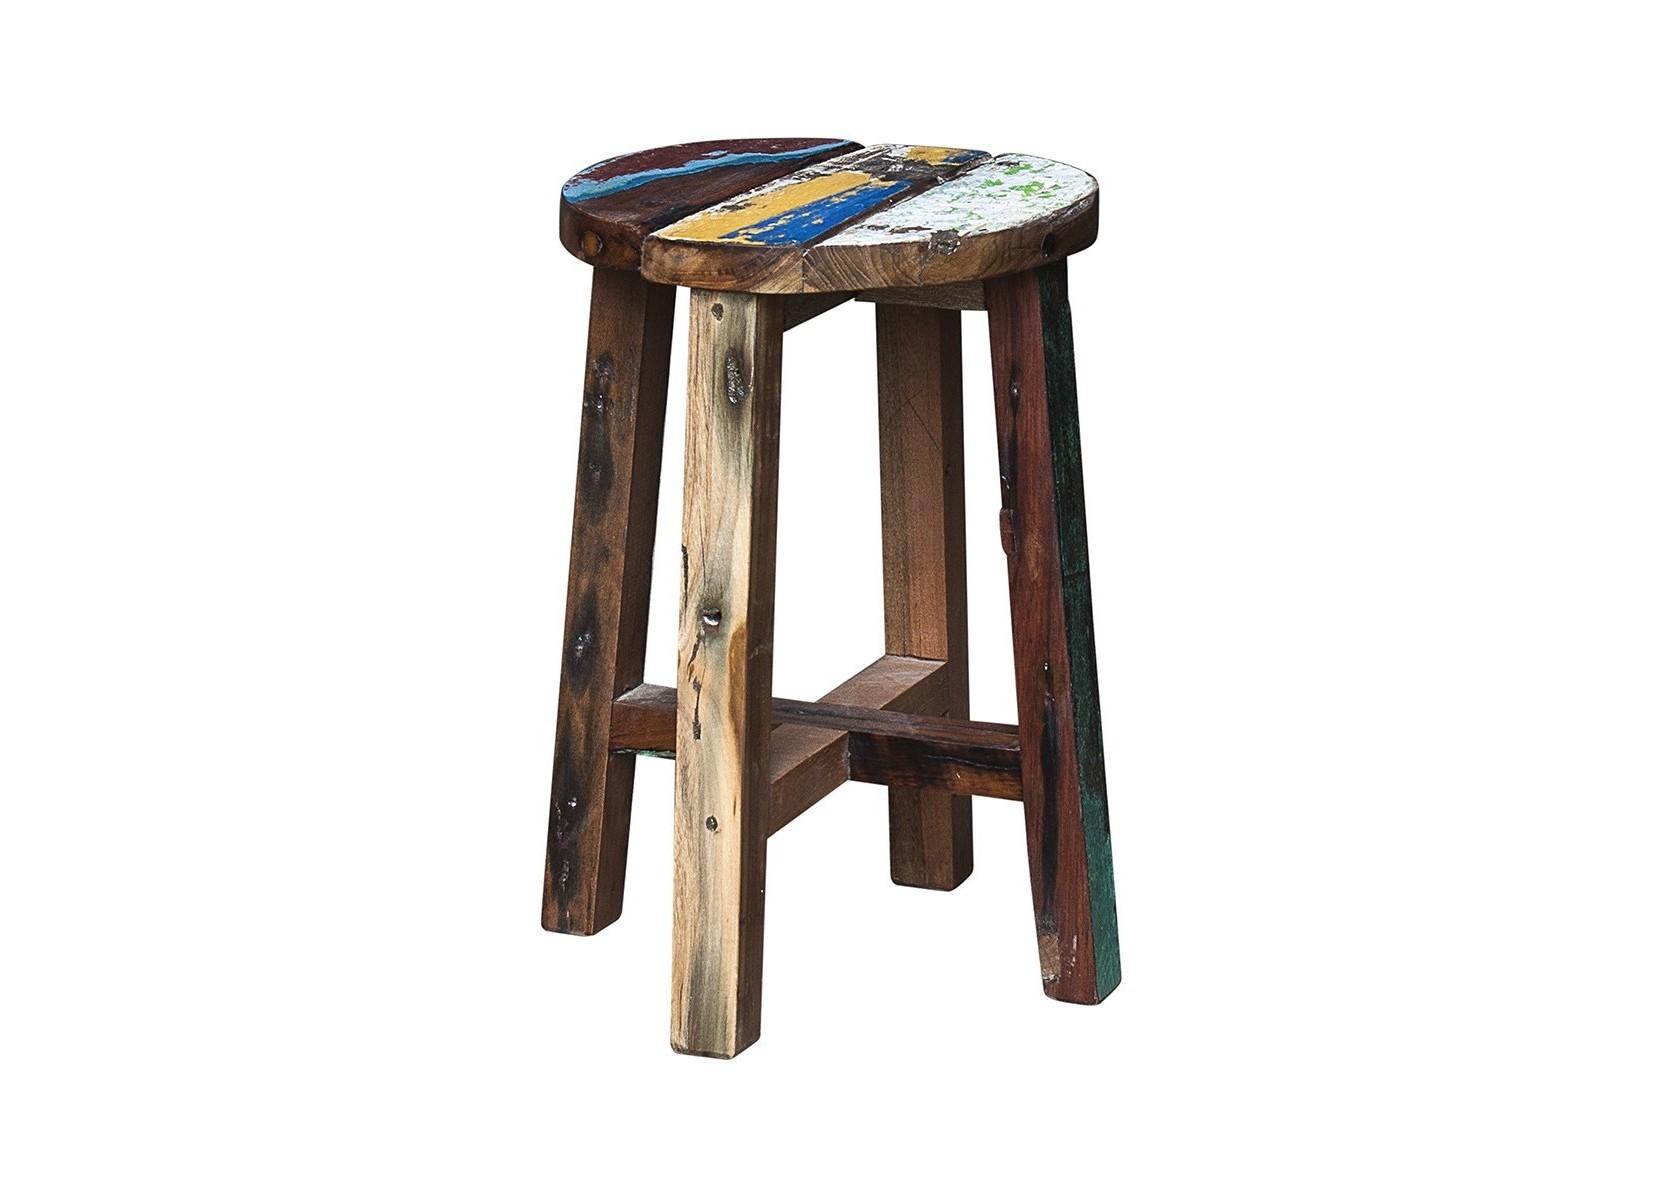 Табурет КингТабуреты<br>Табурет, выполненный из массива древесины старого рыбацкого судна, такой как: тик, махогон, суар, с сохранением оригинальной многослойной окраски.<br><br>Компактный размер делает его идеальным для небольших пространств.<br>Подходит для использования как внутри помещения, так и снаружи.<br>Сборка не требуется.<br>Страна производитель - Индонезия.<br><br>Material: Тик<br>Ширина см: 30.0<br>Высота см: 45.0<br>Глубина см: 30.0